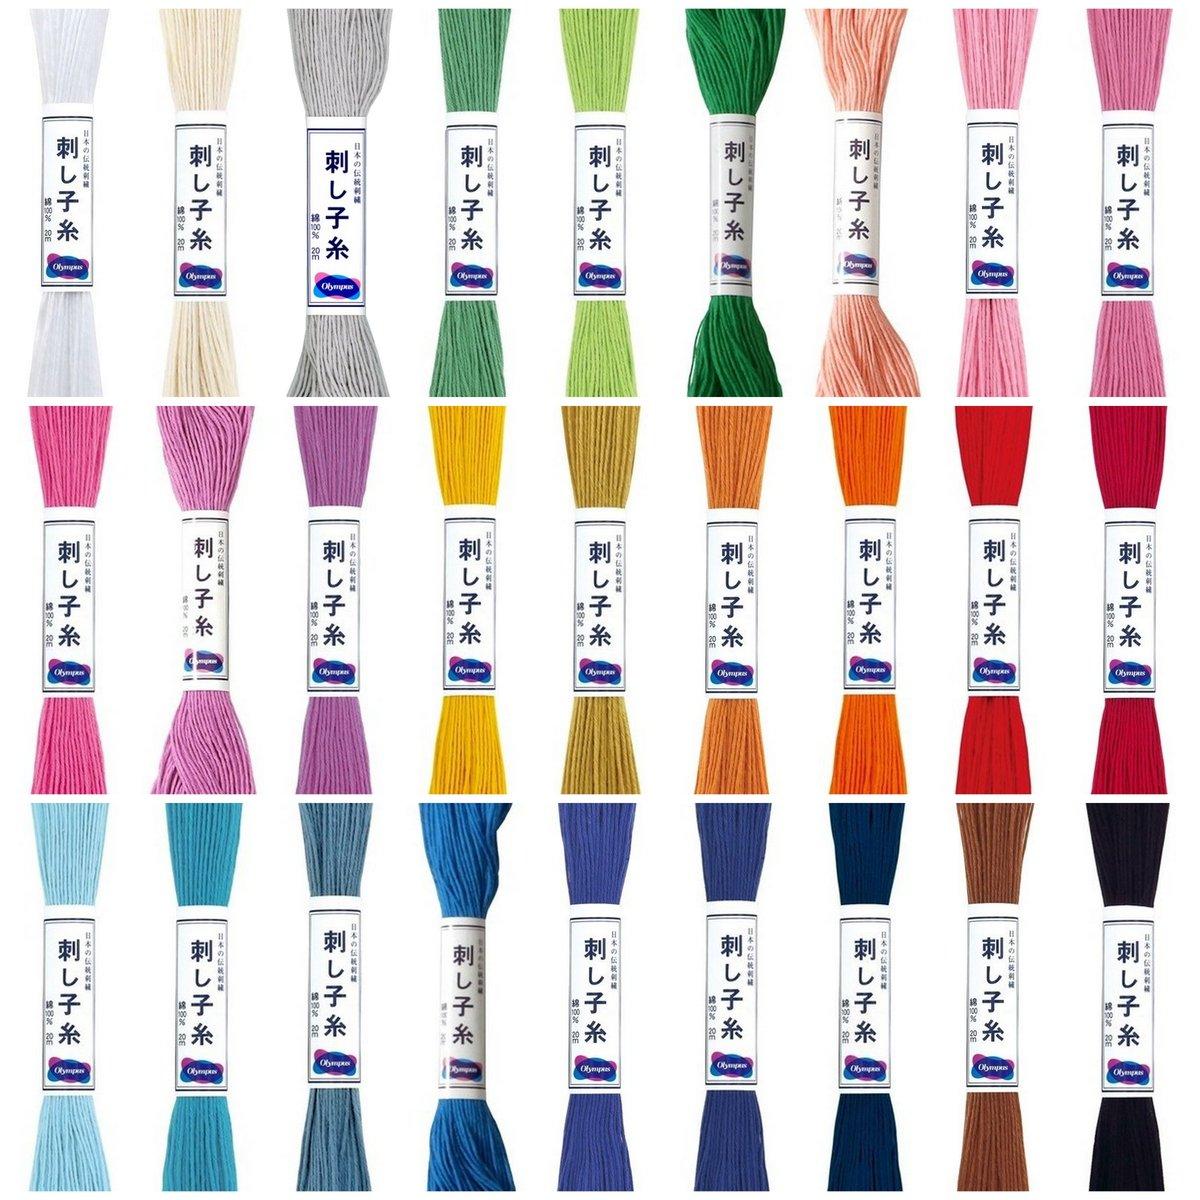 Image of Sashiko Thread - solid & variegated